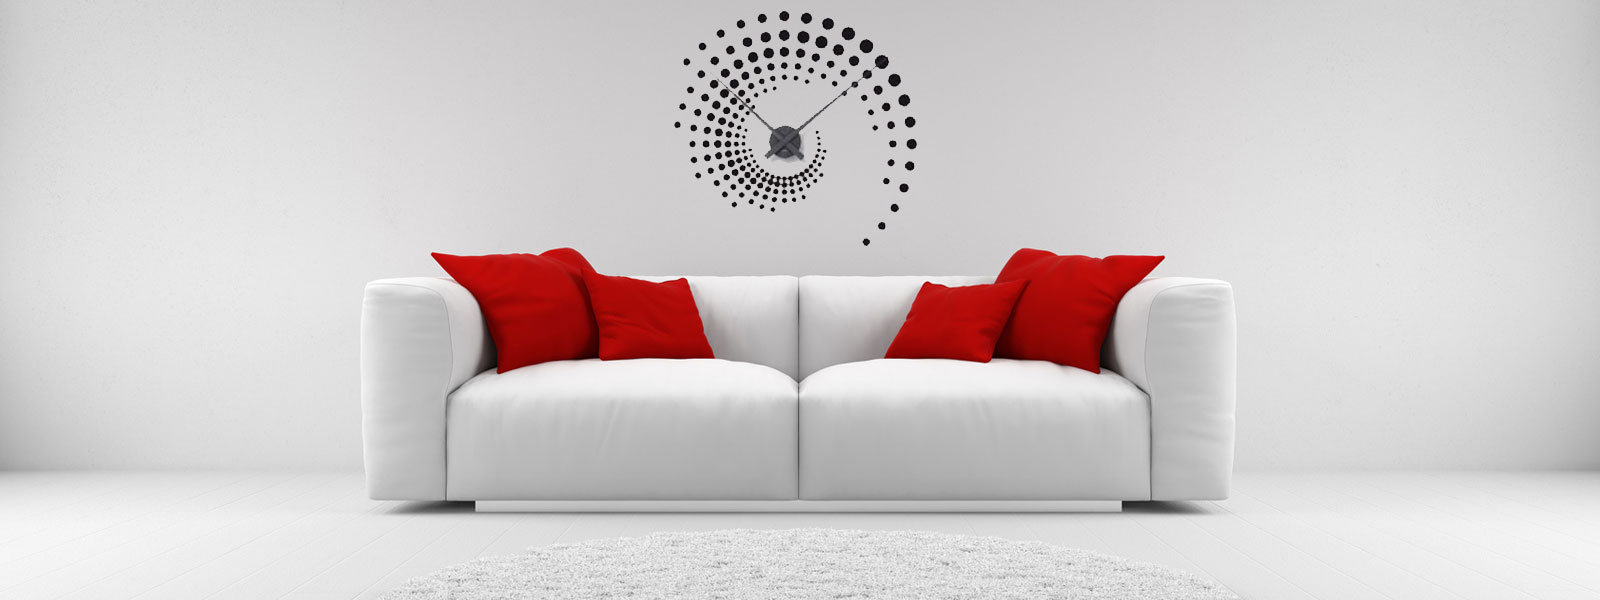 l'atout déco des stickers muraux et adhésifs décoratifs - sohome.fr - Decoration Stickers Muraux Adhesif